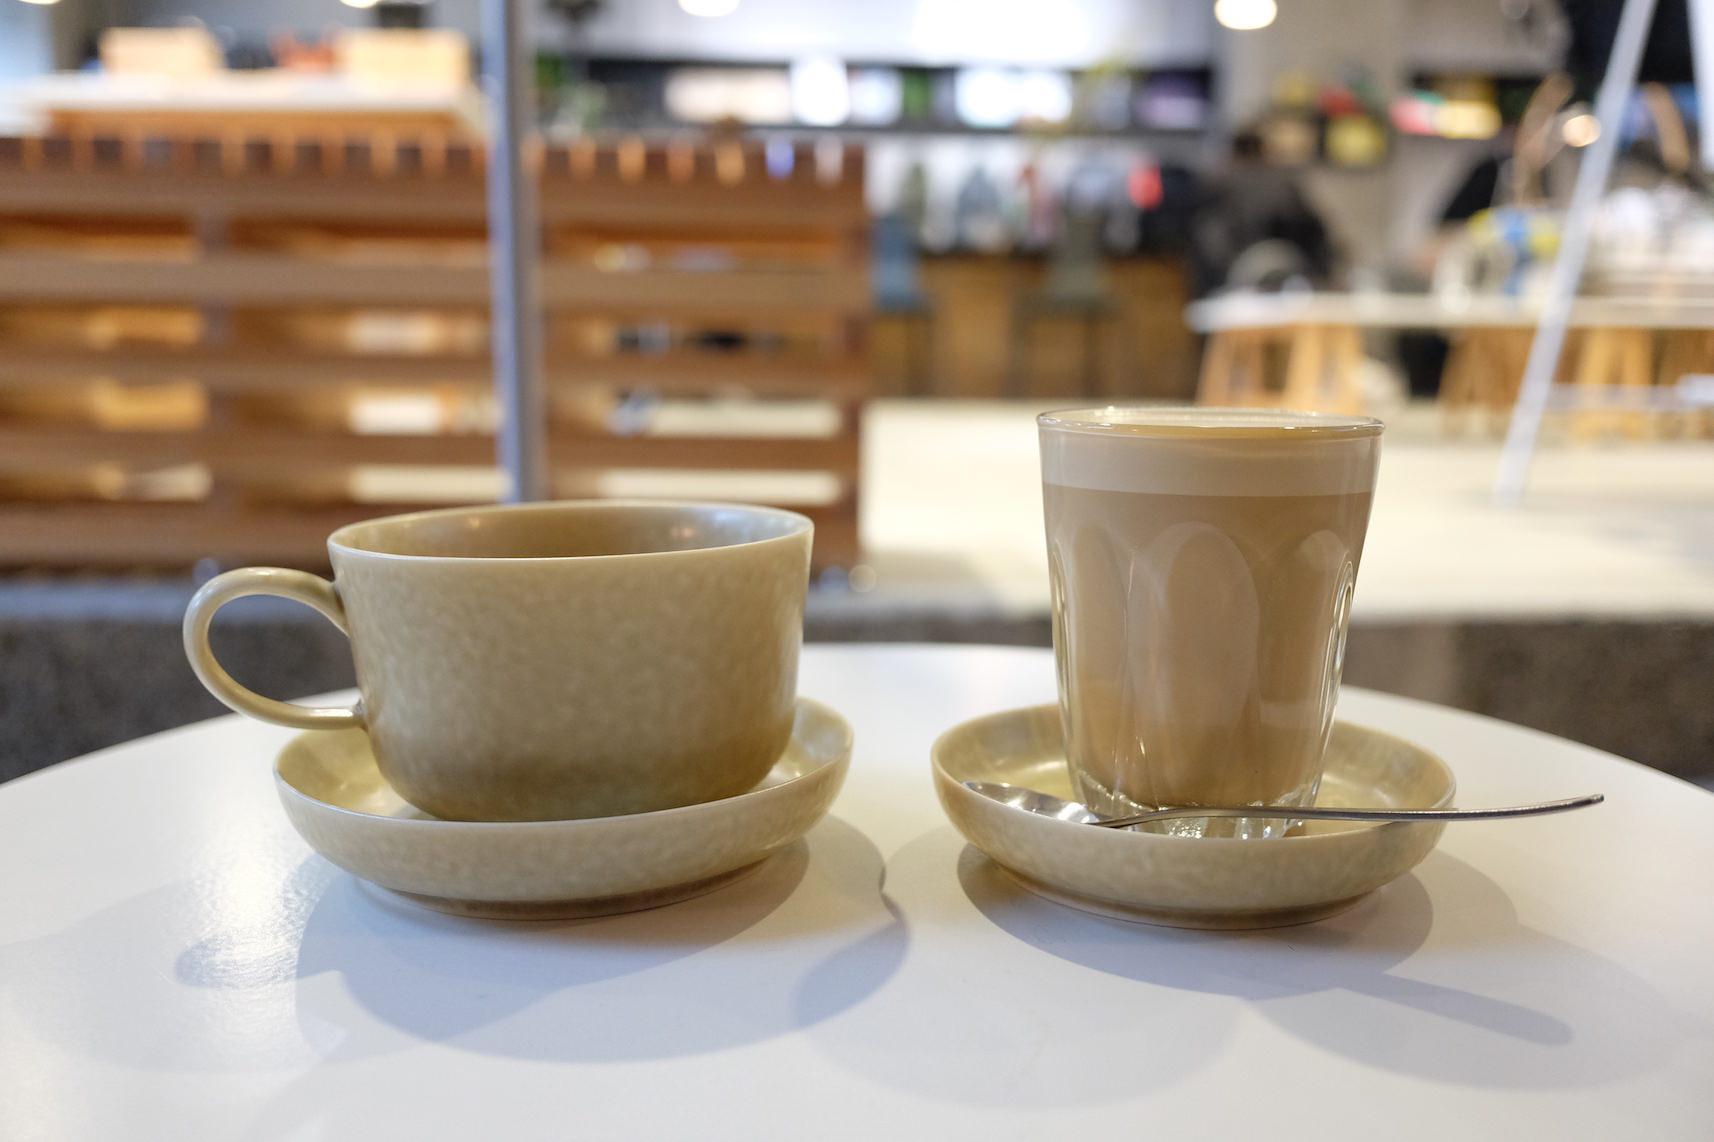 Ratio&Cコーヒー